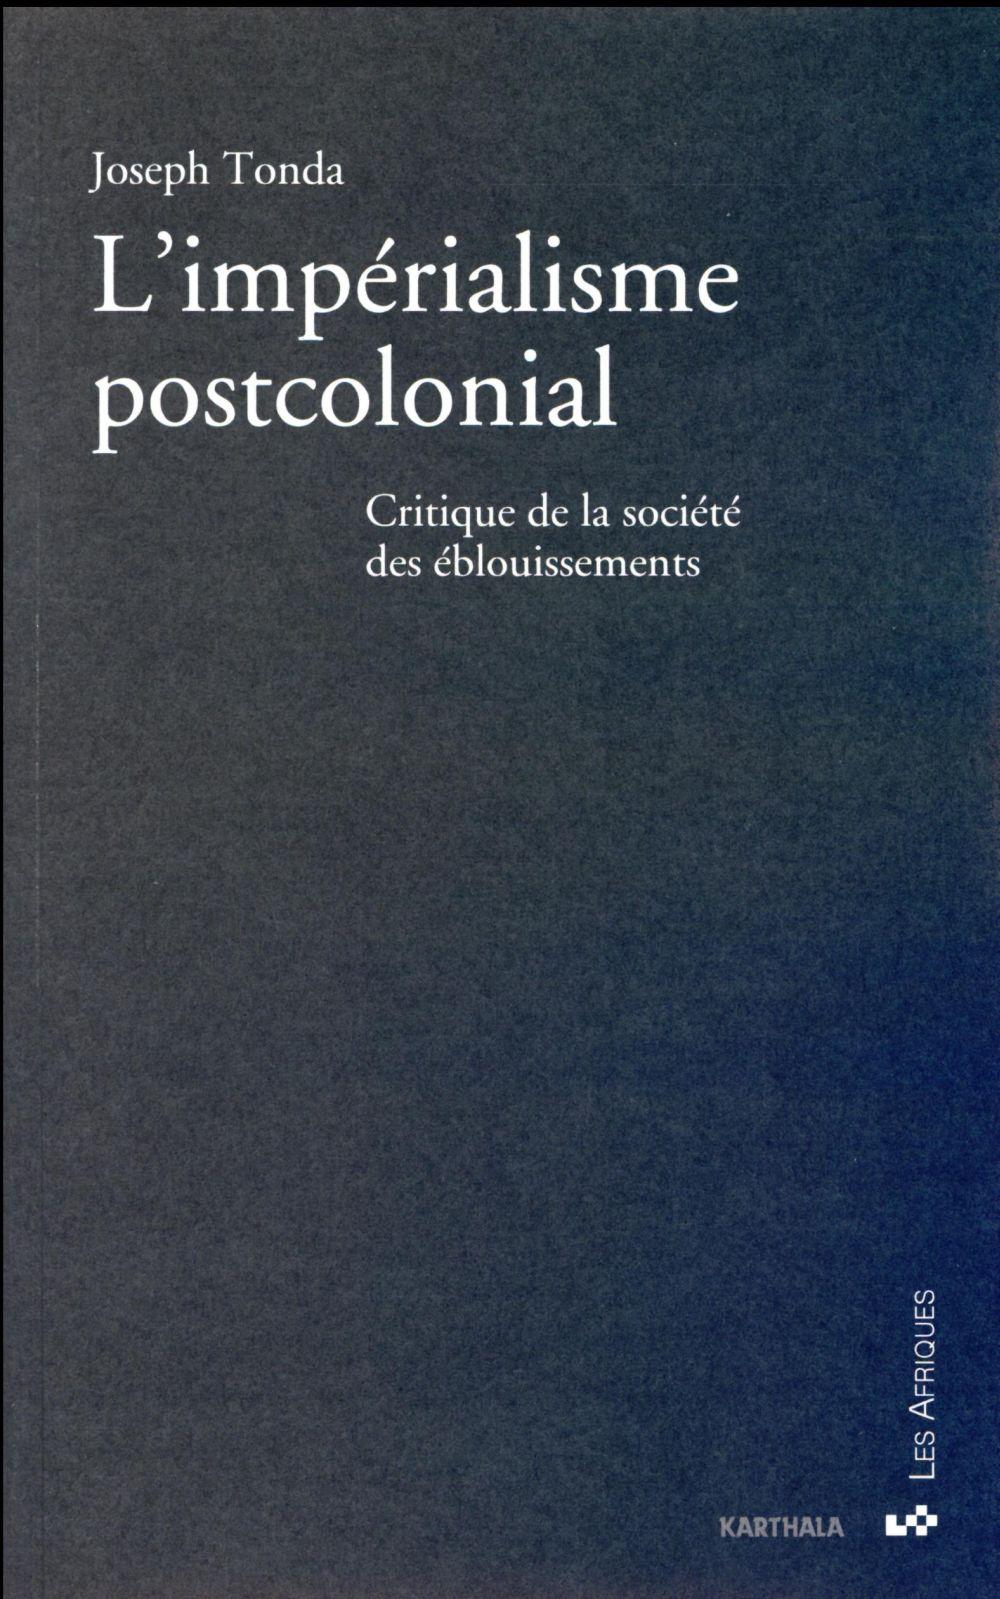 l'impérialisme postcolonial ; critique de la société des éblouissements